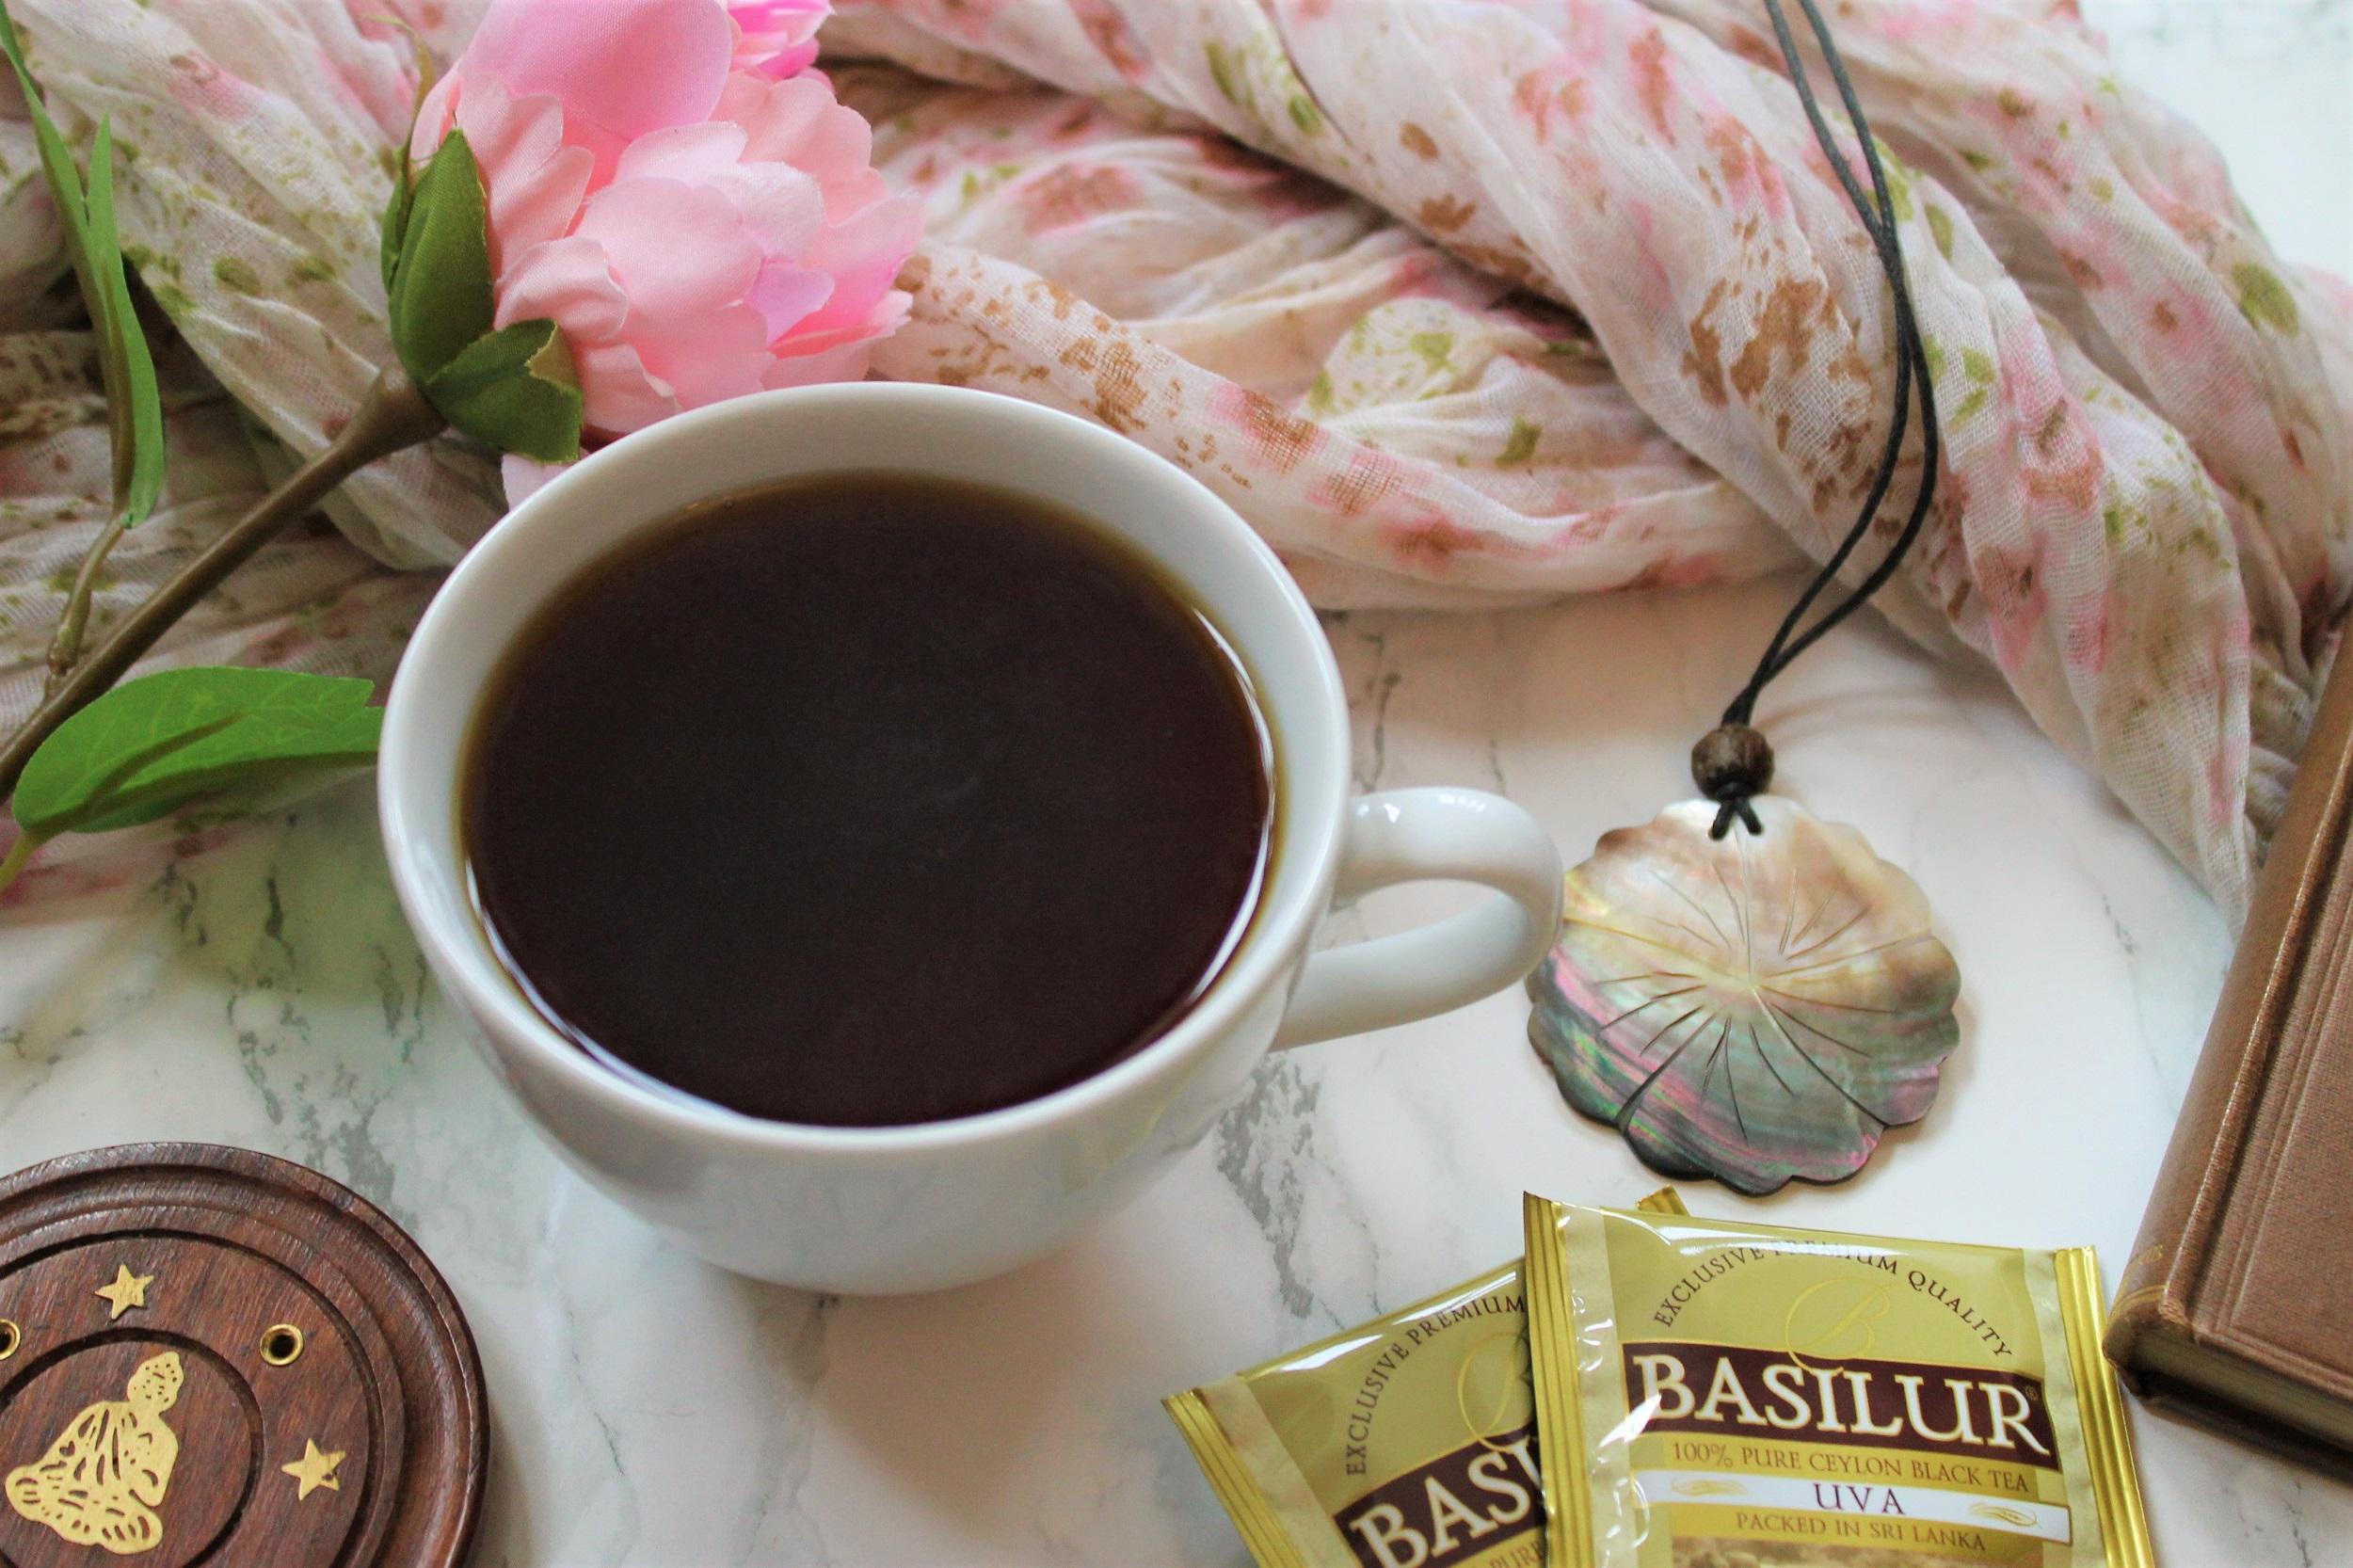 uva black tea